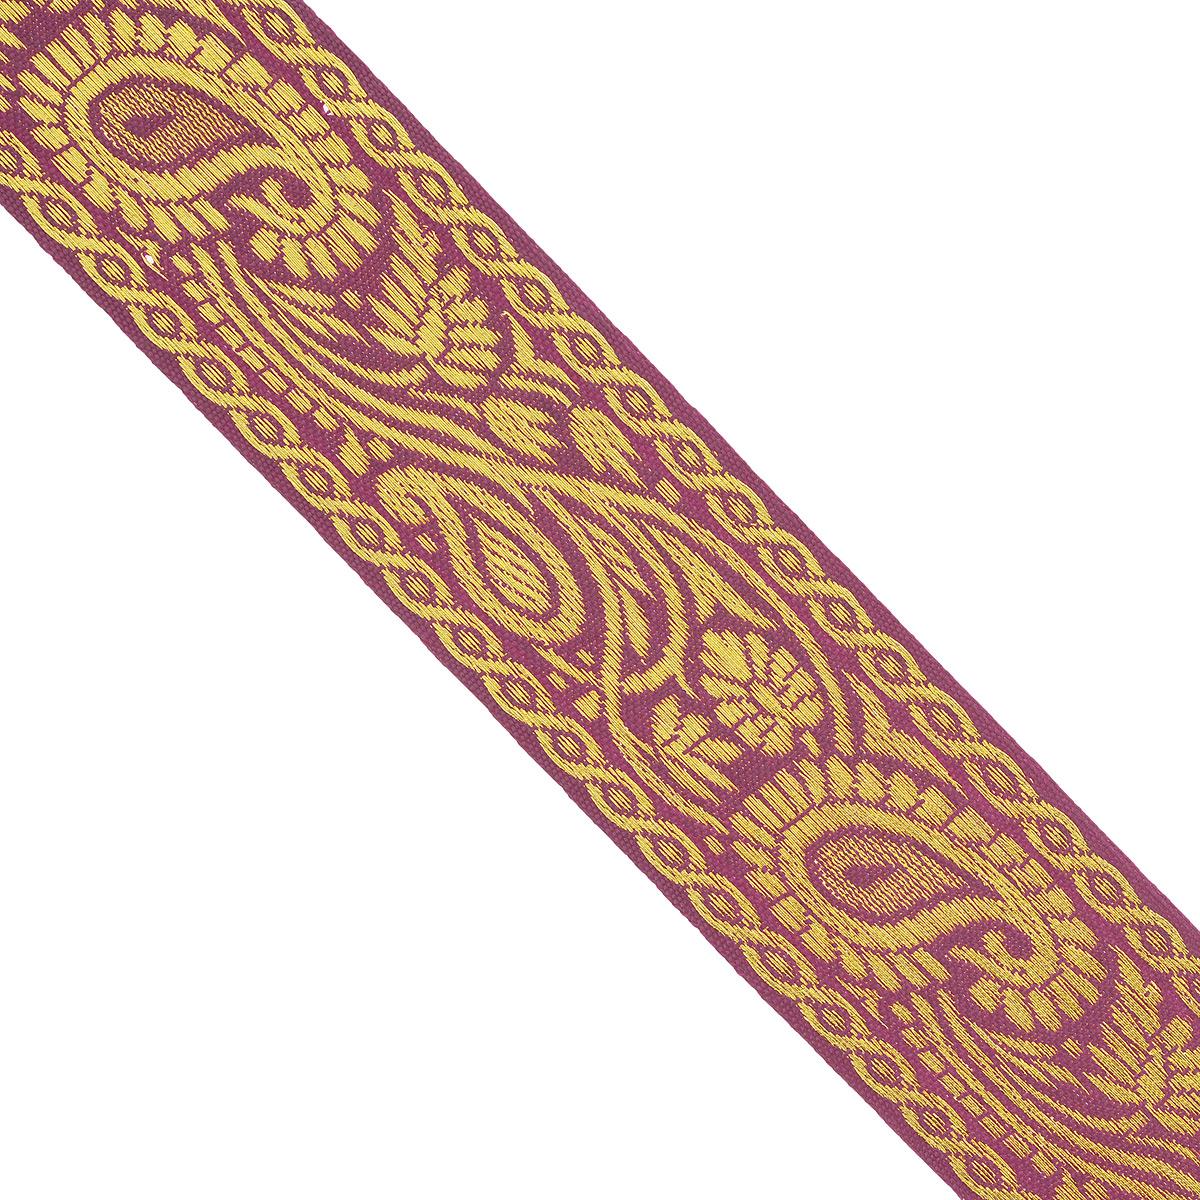 Тесьма декоративная Астра, цвет: бордовый, ширина 3,2 см, длина 16,4 м. 77034007703400Декоративная тесьма Астра выполнена из текстиля и оформлена оригинальным орнаментом. Такая тесьма идеально подойдет для оформления различных творческих работ таких, как скрапбукинг, аппликация, декор коробок и открыток и многое другое. Тесьма наивысшего качества и практична в использовании. Она станет незаменимым элементом в создании рукотворного шедевра. Ширина: 3,2 см. Длина: 16,4 м.